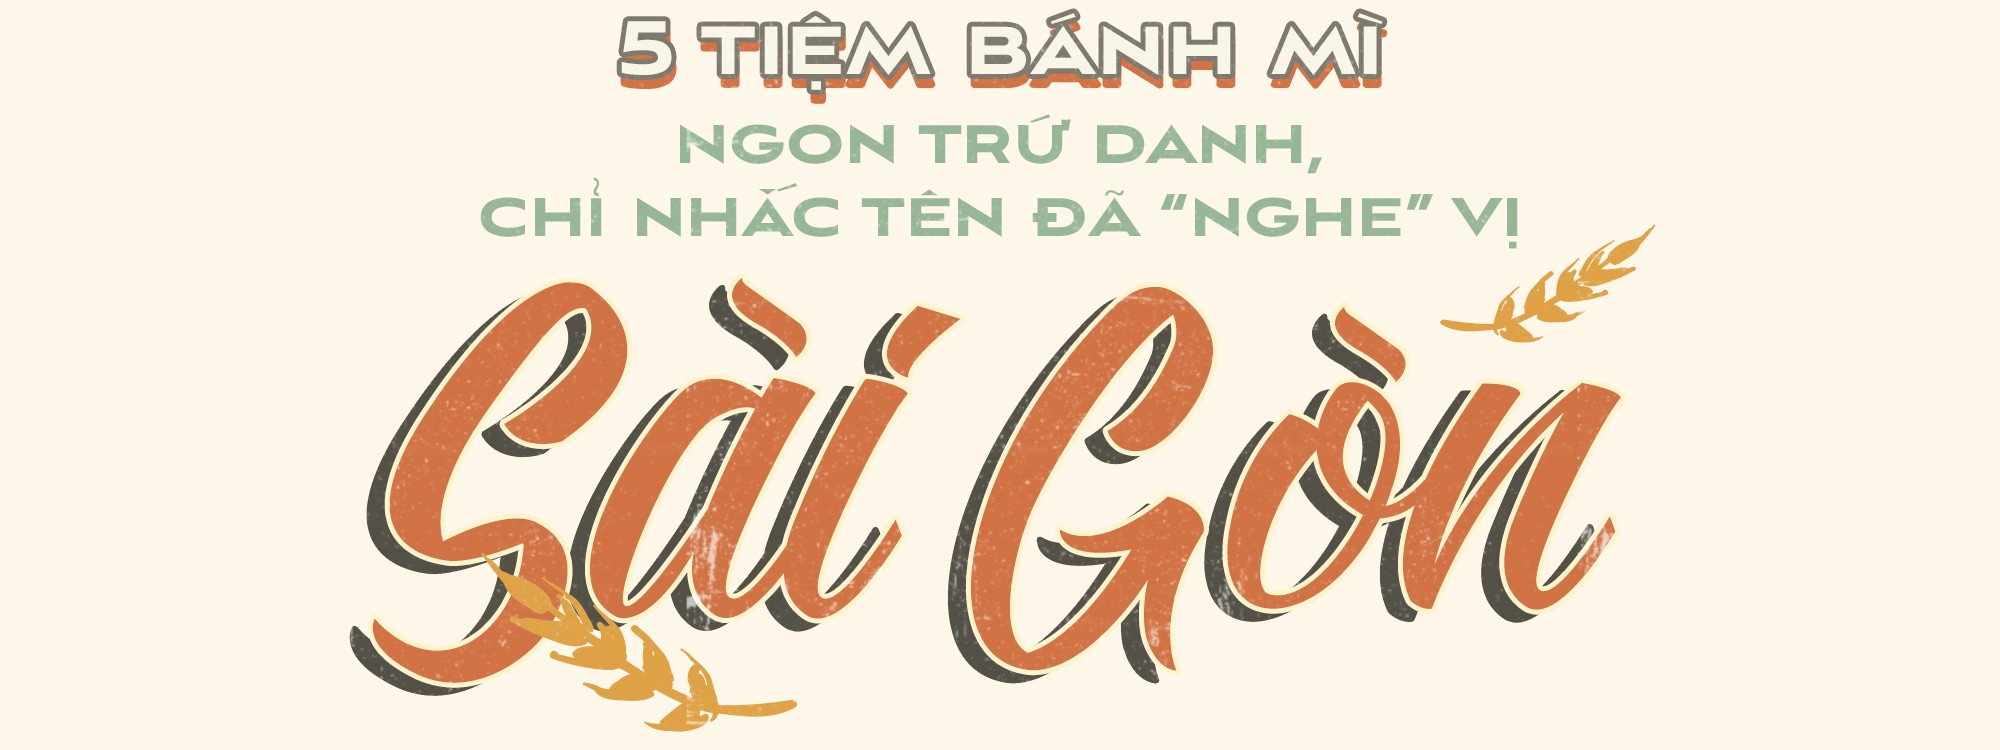 """5 tiệm bánh mì ngon trứ danh, chỉ nhắc tên đã """"nghe"""" vị Sài Gòn - Ảnh 1."""